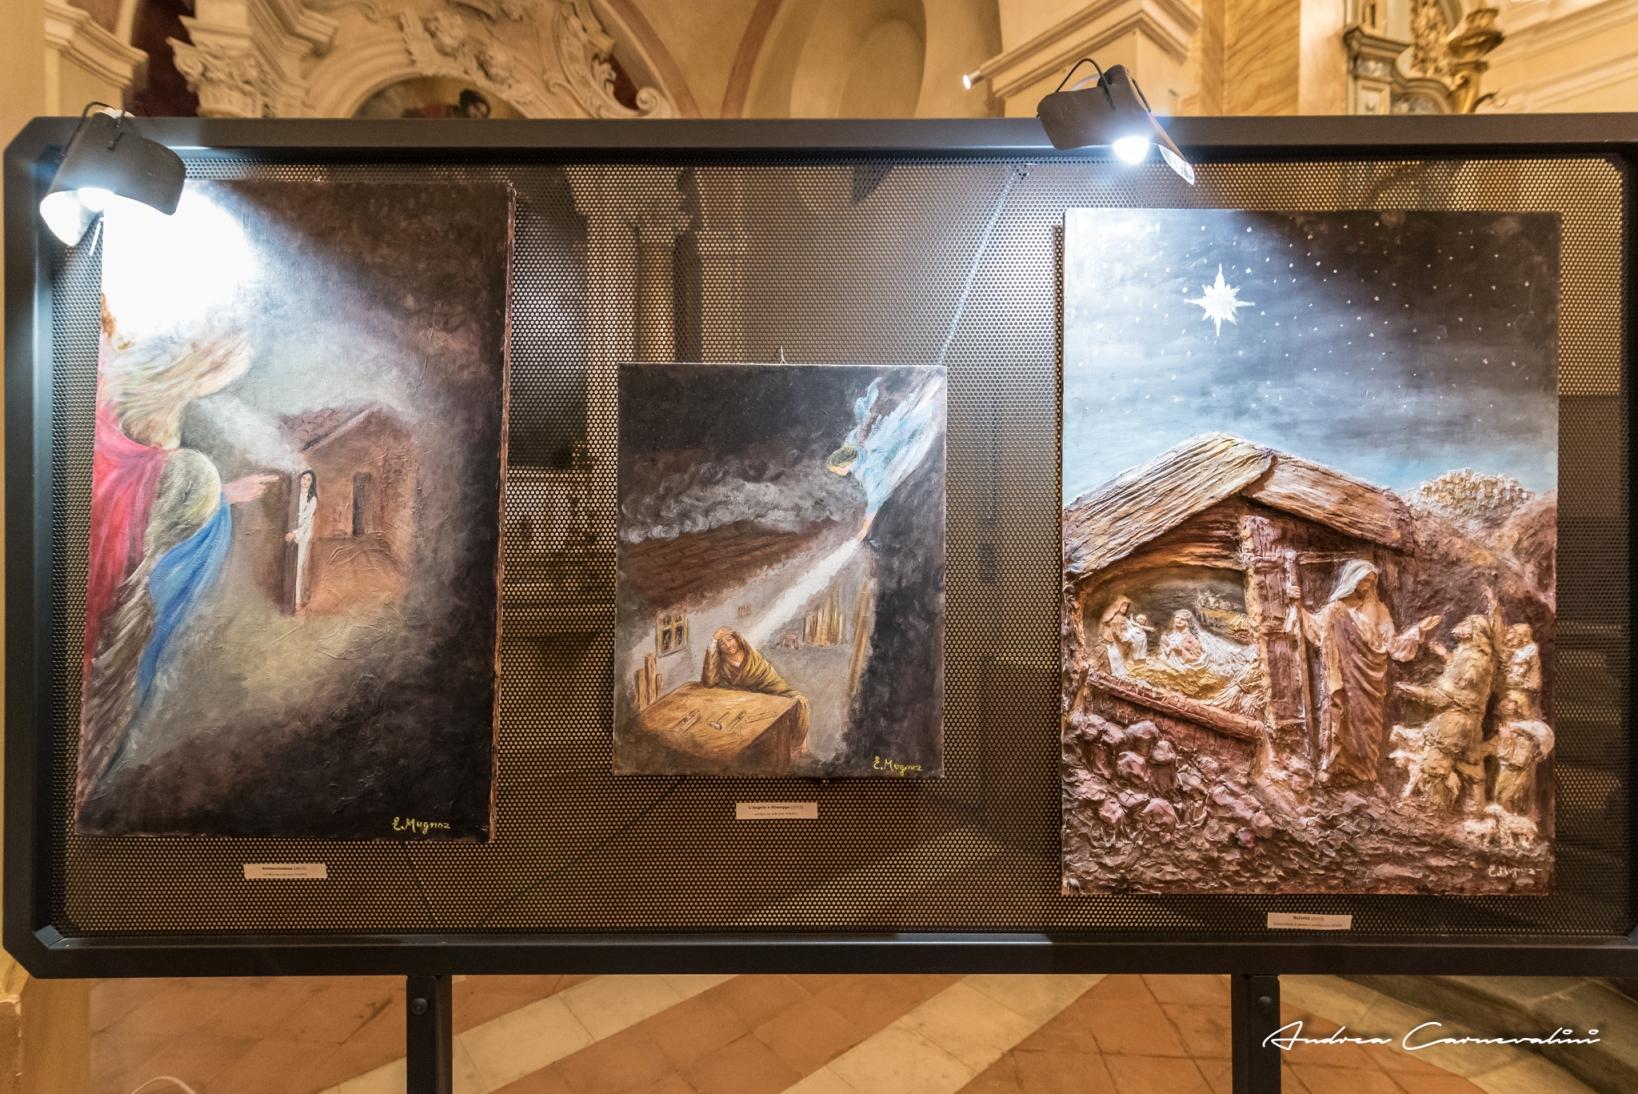 Annunciazione - Il sogno di Giuseppe - Natività, bassorilievi in gesso e acrilico 2015